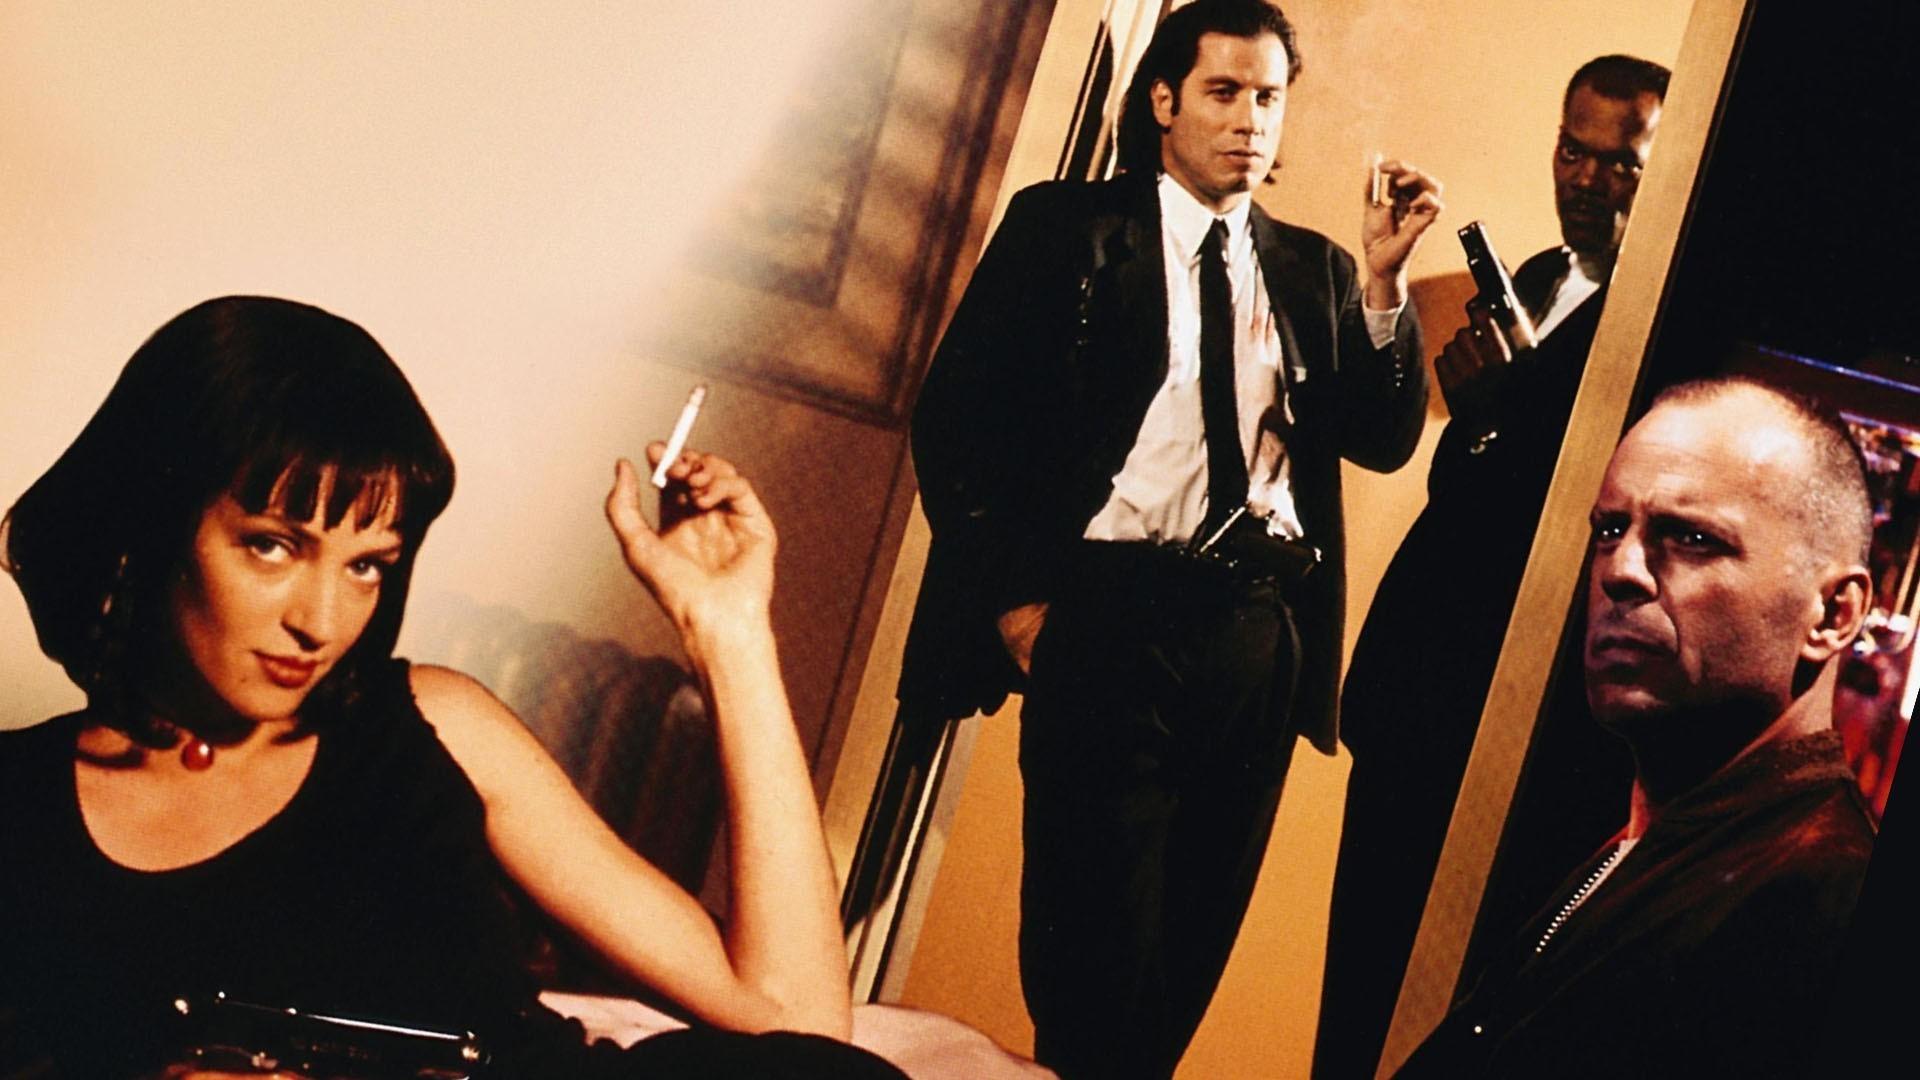 Uma Thurman Pulp Fiction Wallpaper